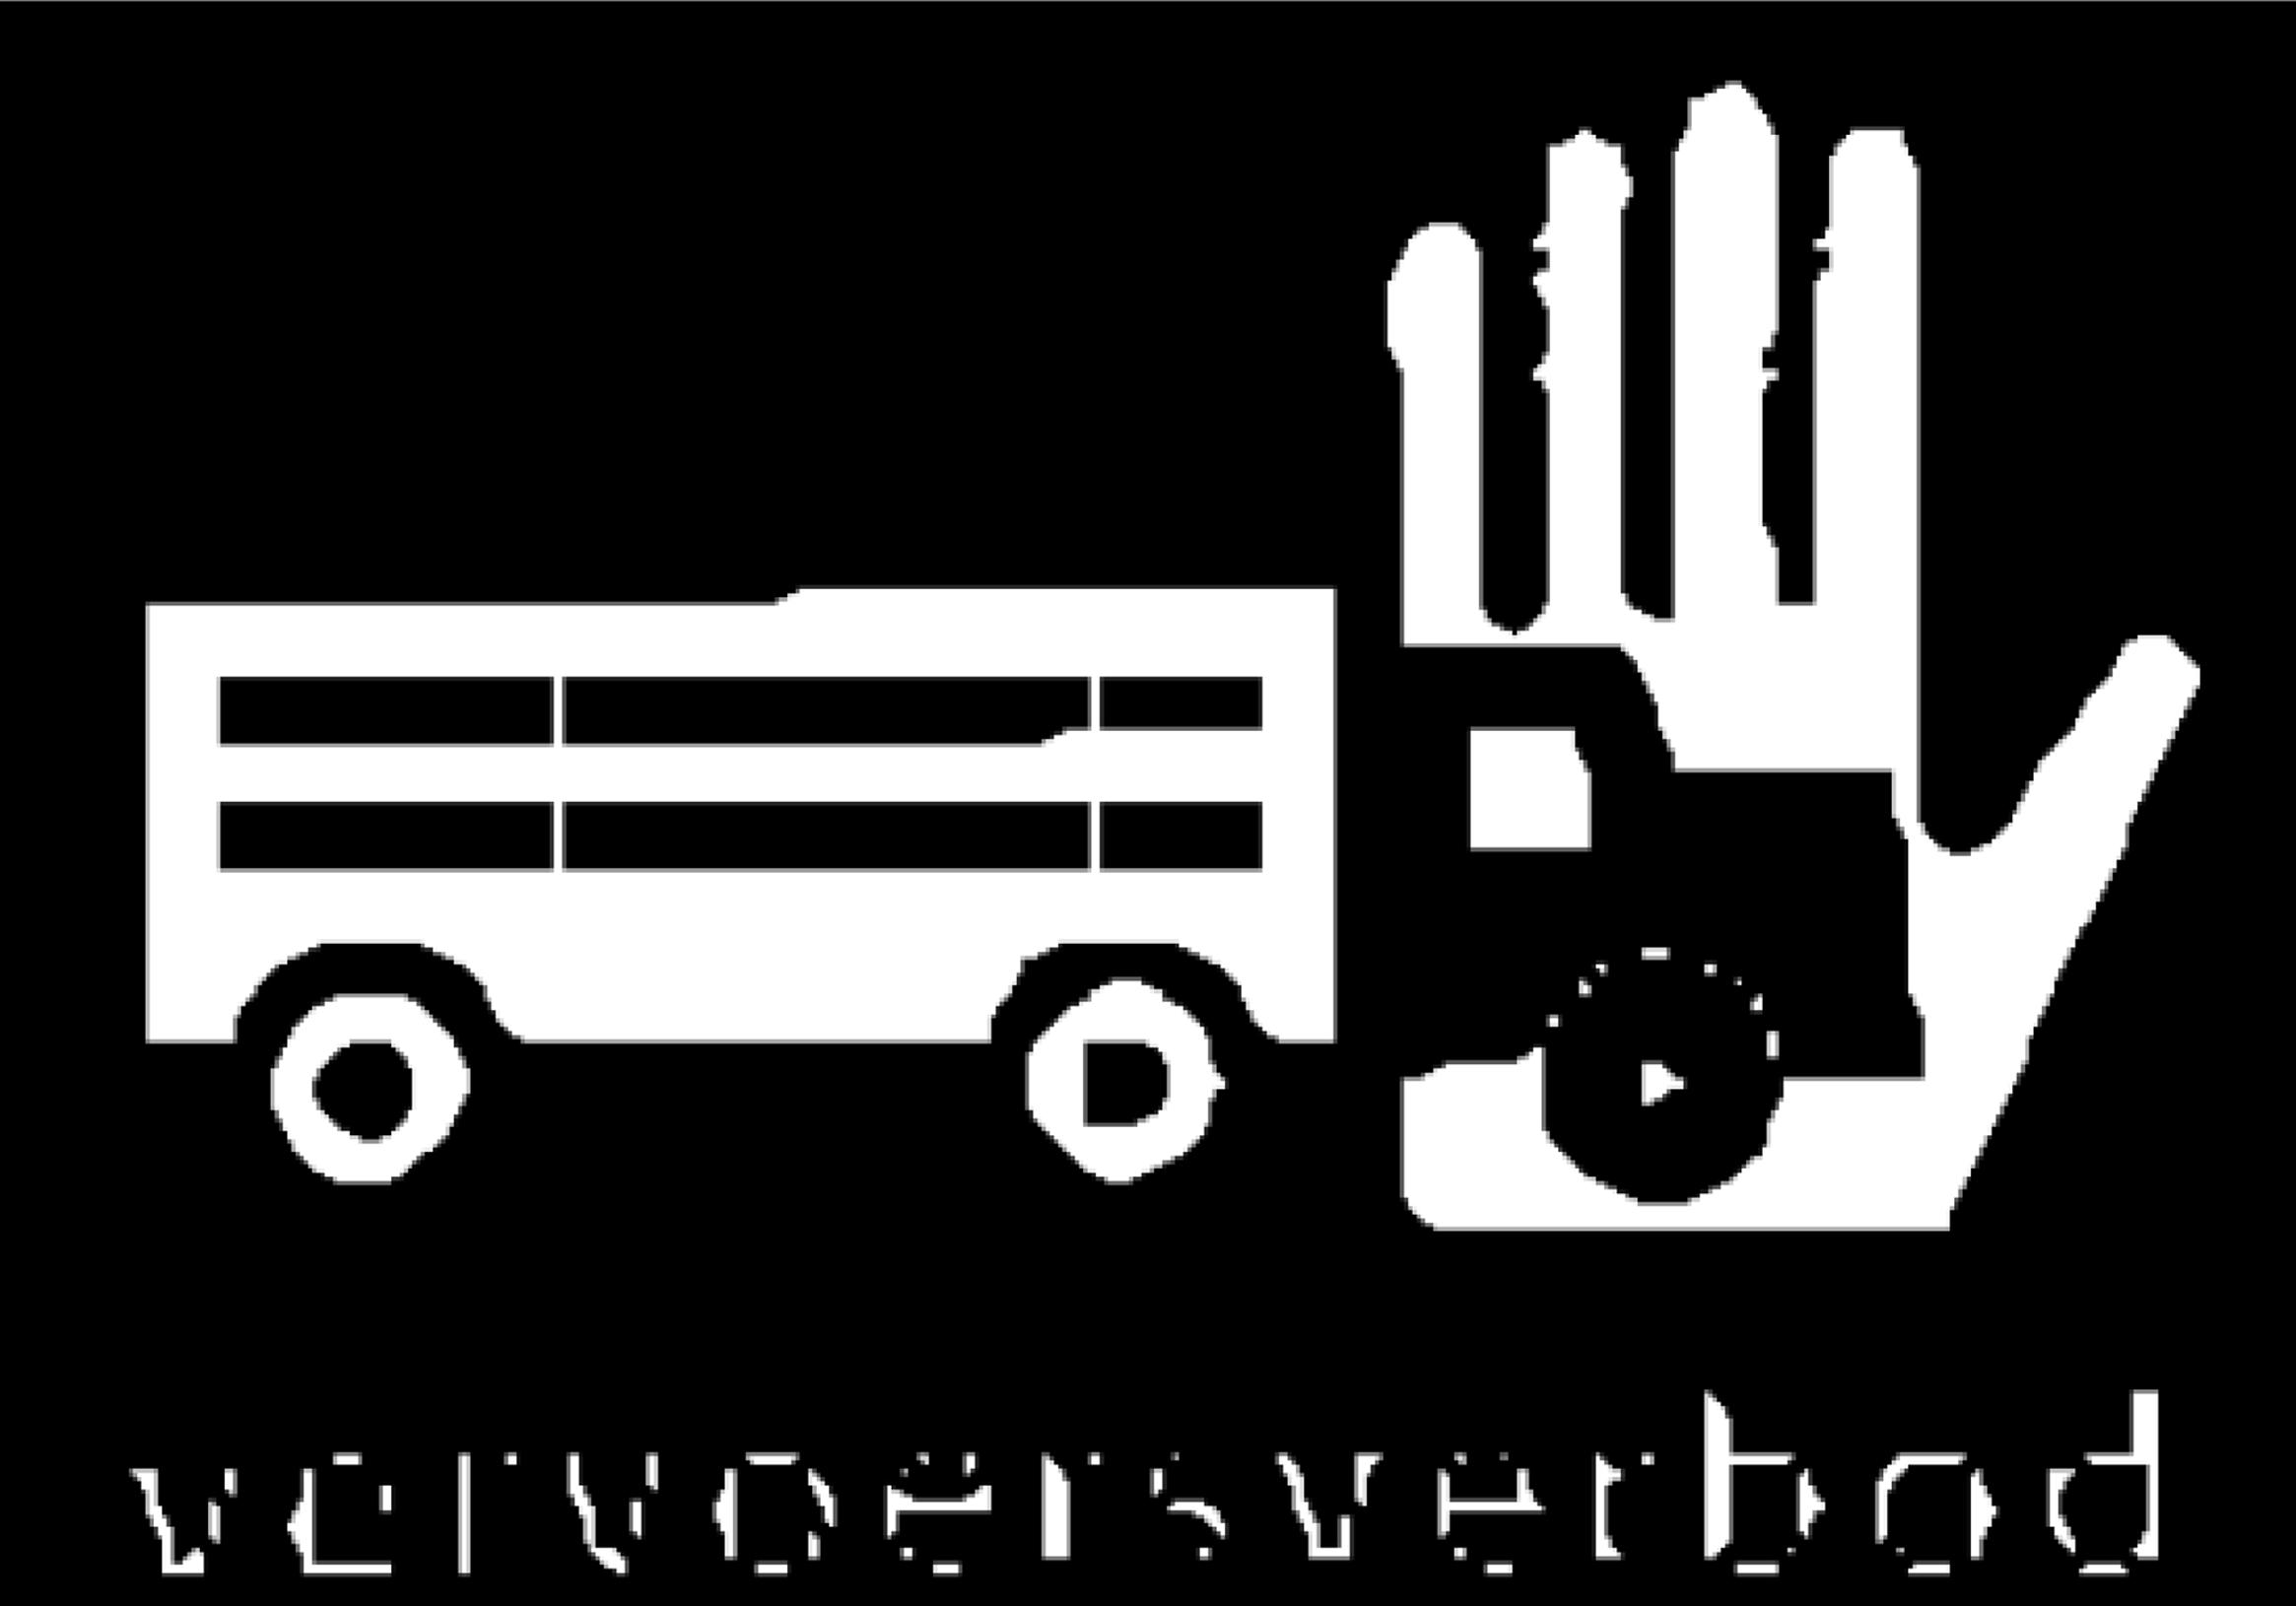 transport dieren naar slachterij